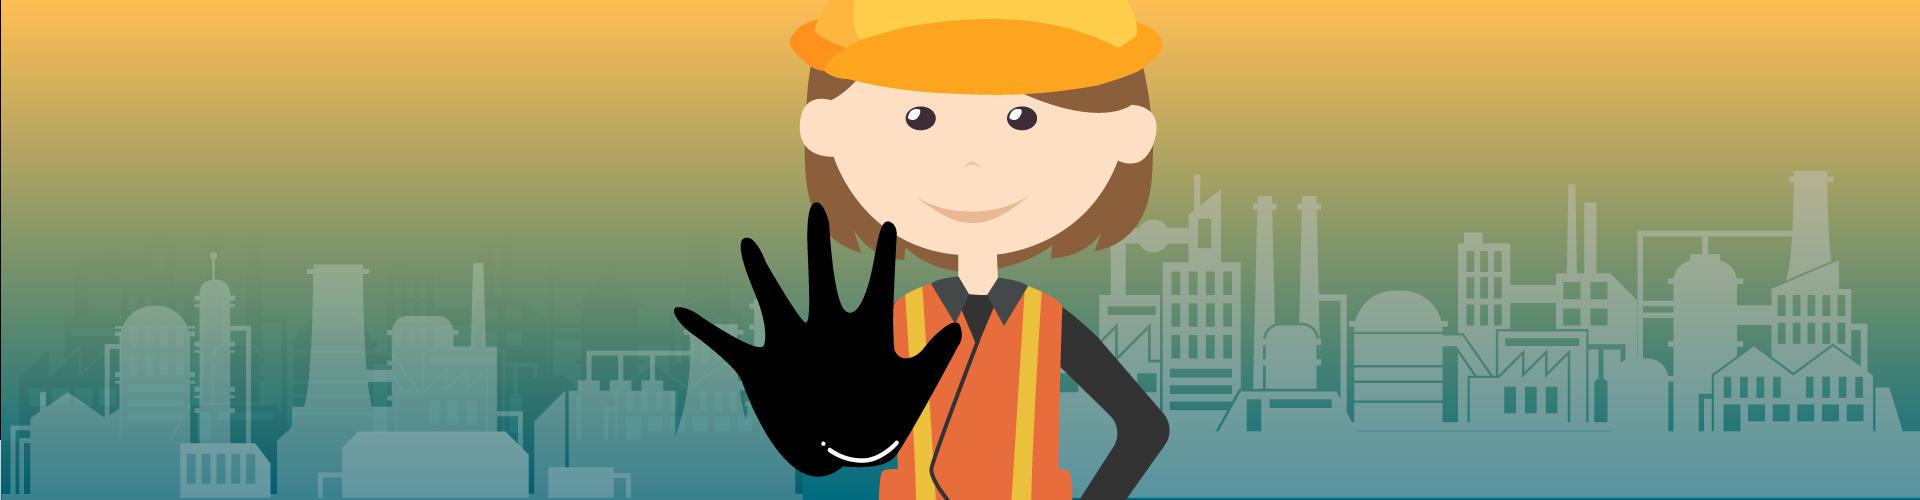 5 Normas de Segurança do Trabalho que você precisa saber